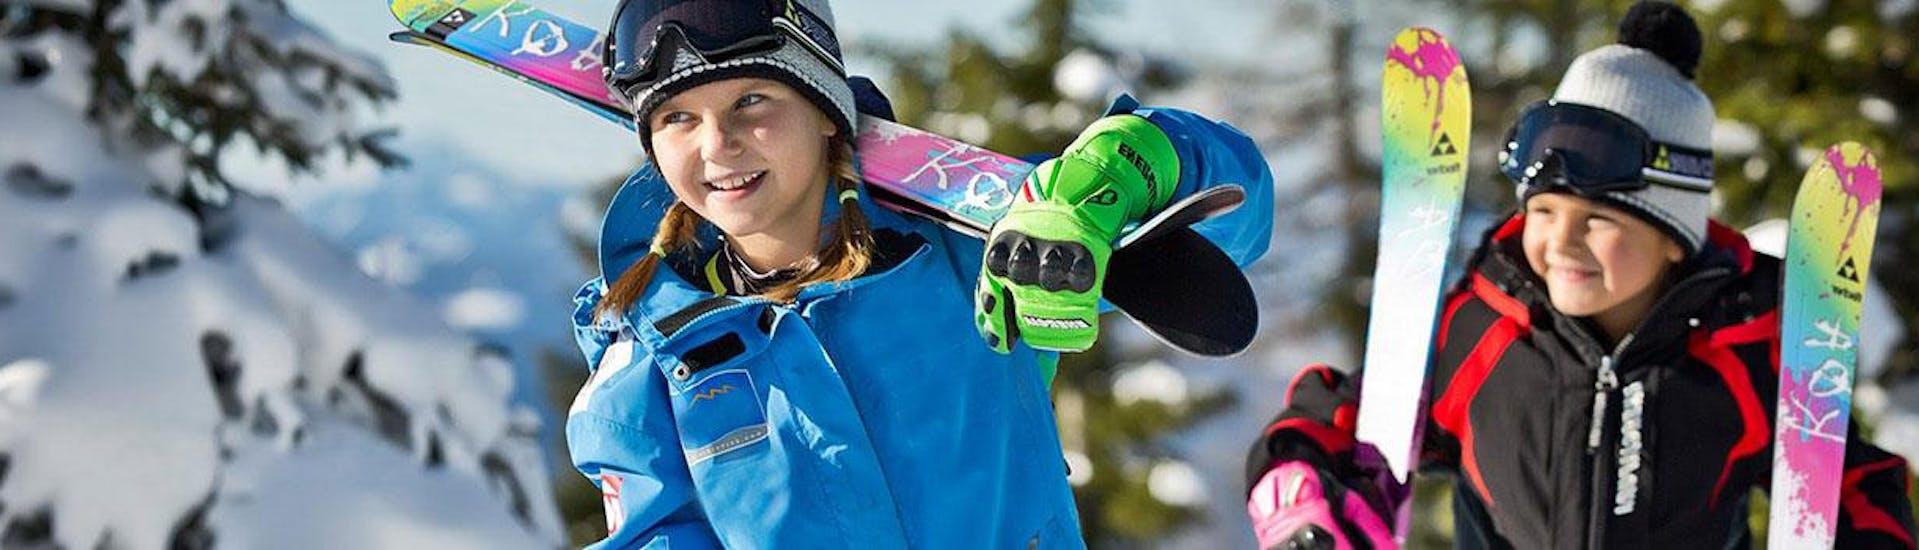 Ein junges Mädchen und ein junger Bub tragen ihre Ski um mit ihrem Skikurs mit der Schneesportschule Black Forest Magic im Skigebiet Feldberg beginnen zu können.